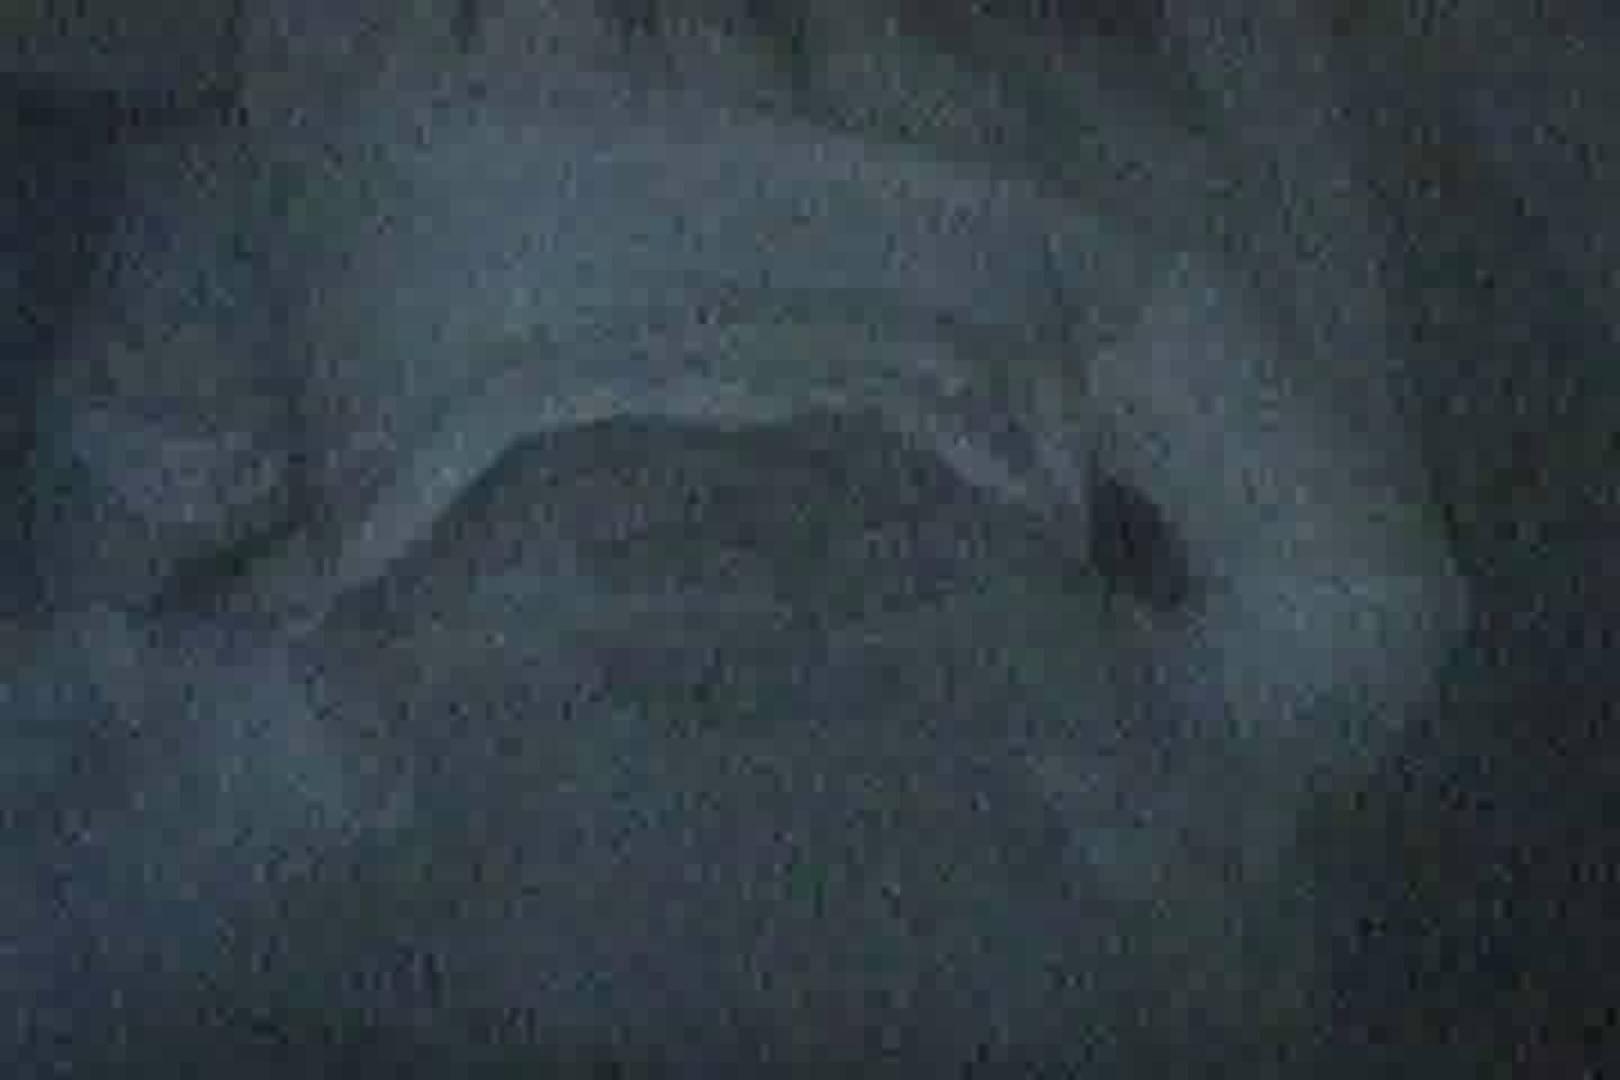 充血監督の深夜の運動会Vol.8 おっぱい オマンコ無修正動画無料 106画像 103